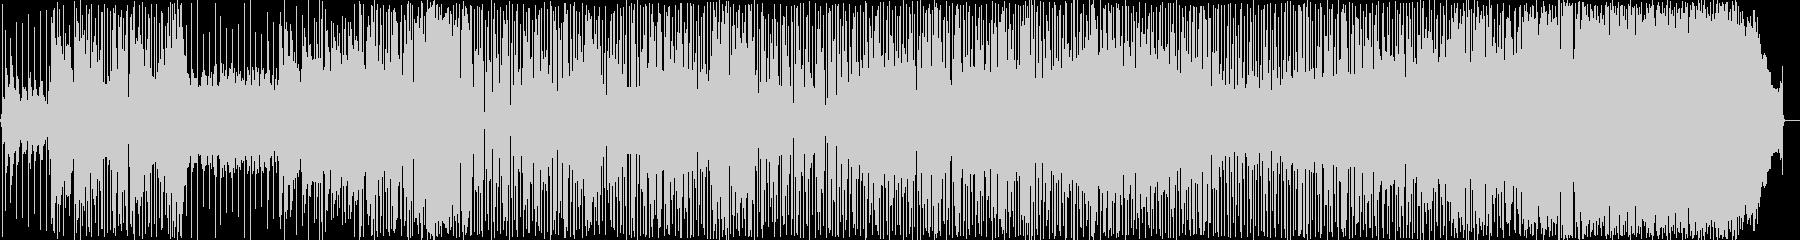 オルガンとホーンが光るソウルジャズの未再生の波形